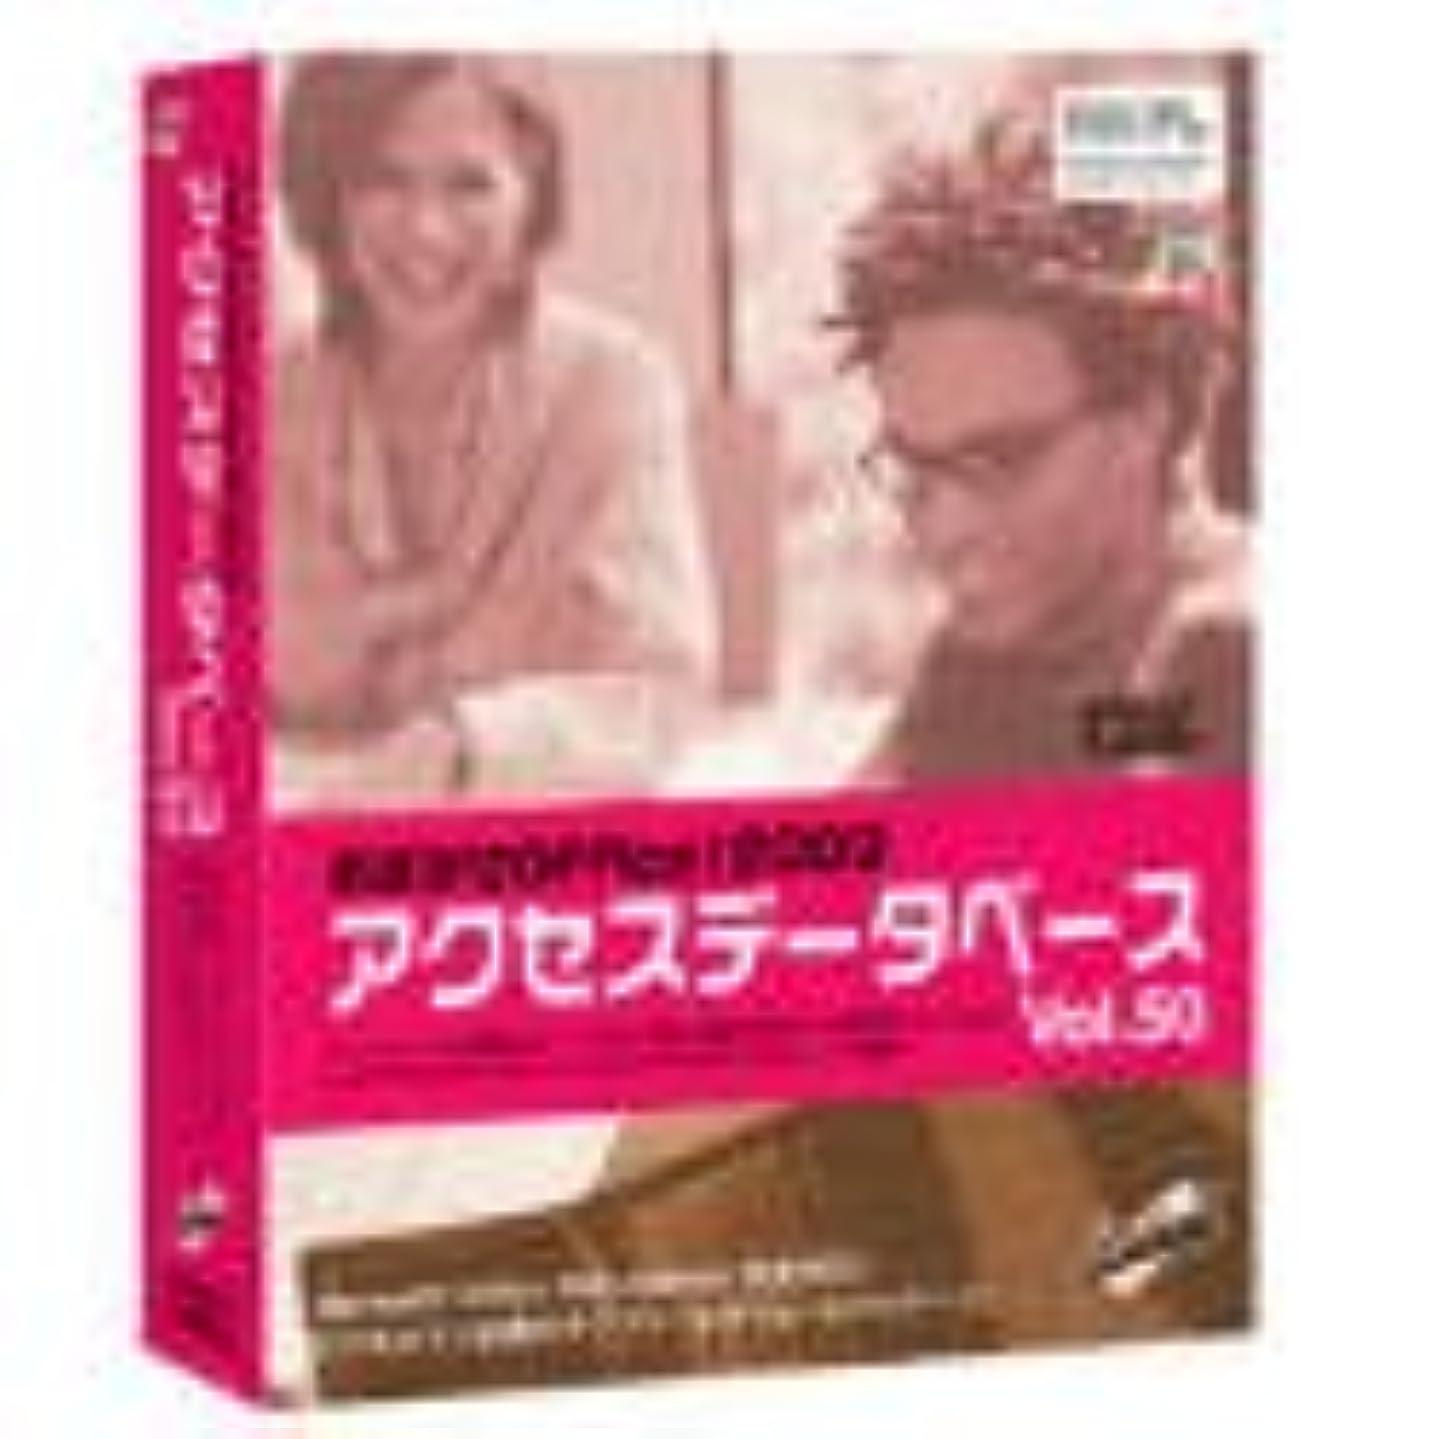 うなる配管工両方おまかせOffice! 2003 アクセスデータベース Vol.50